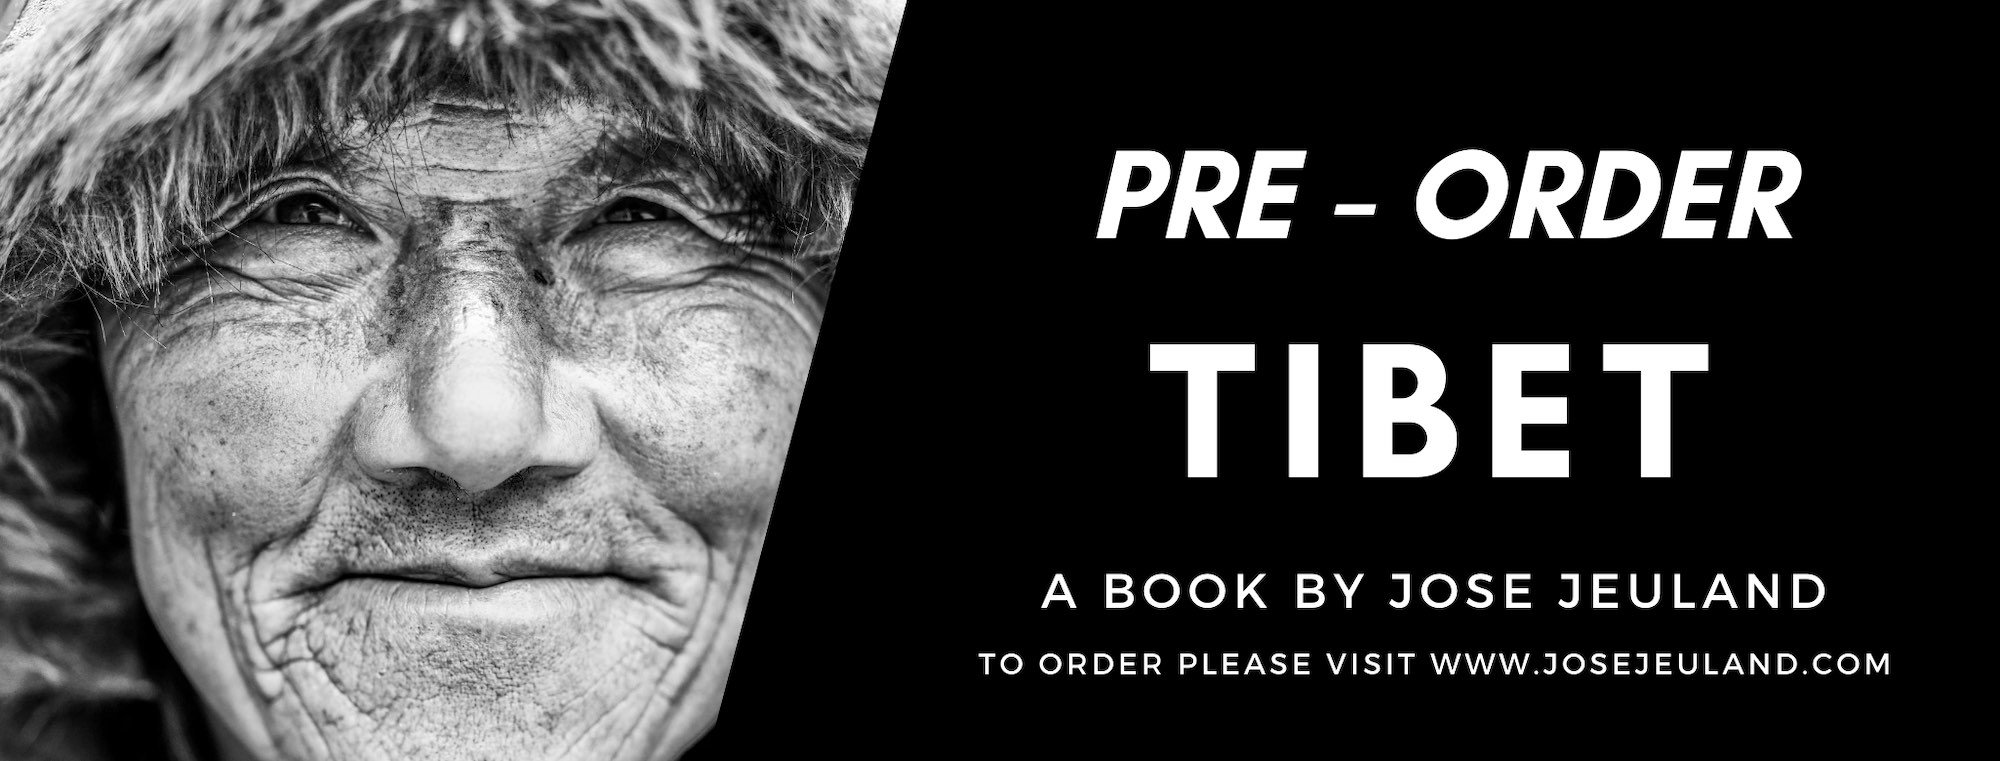 PRE - ORDER TIBET photography book Jose Jeuland copy